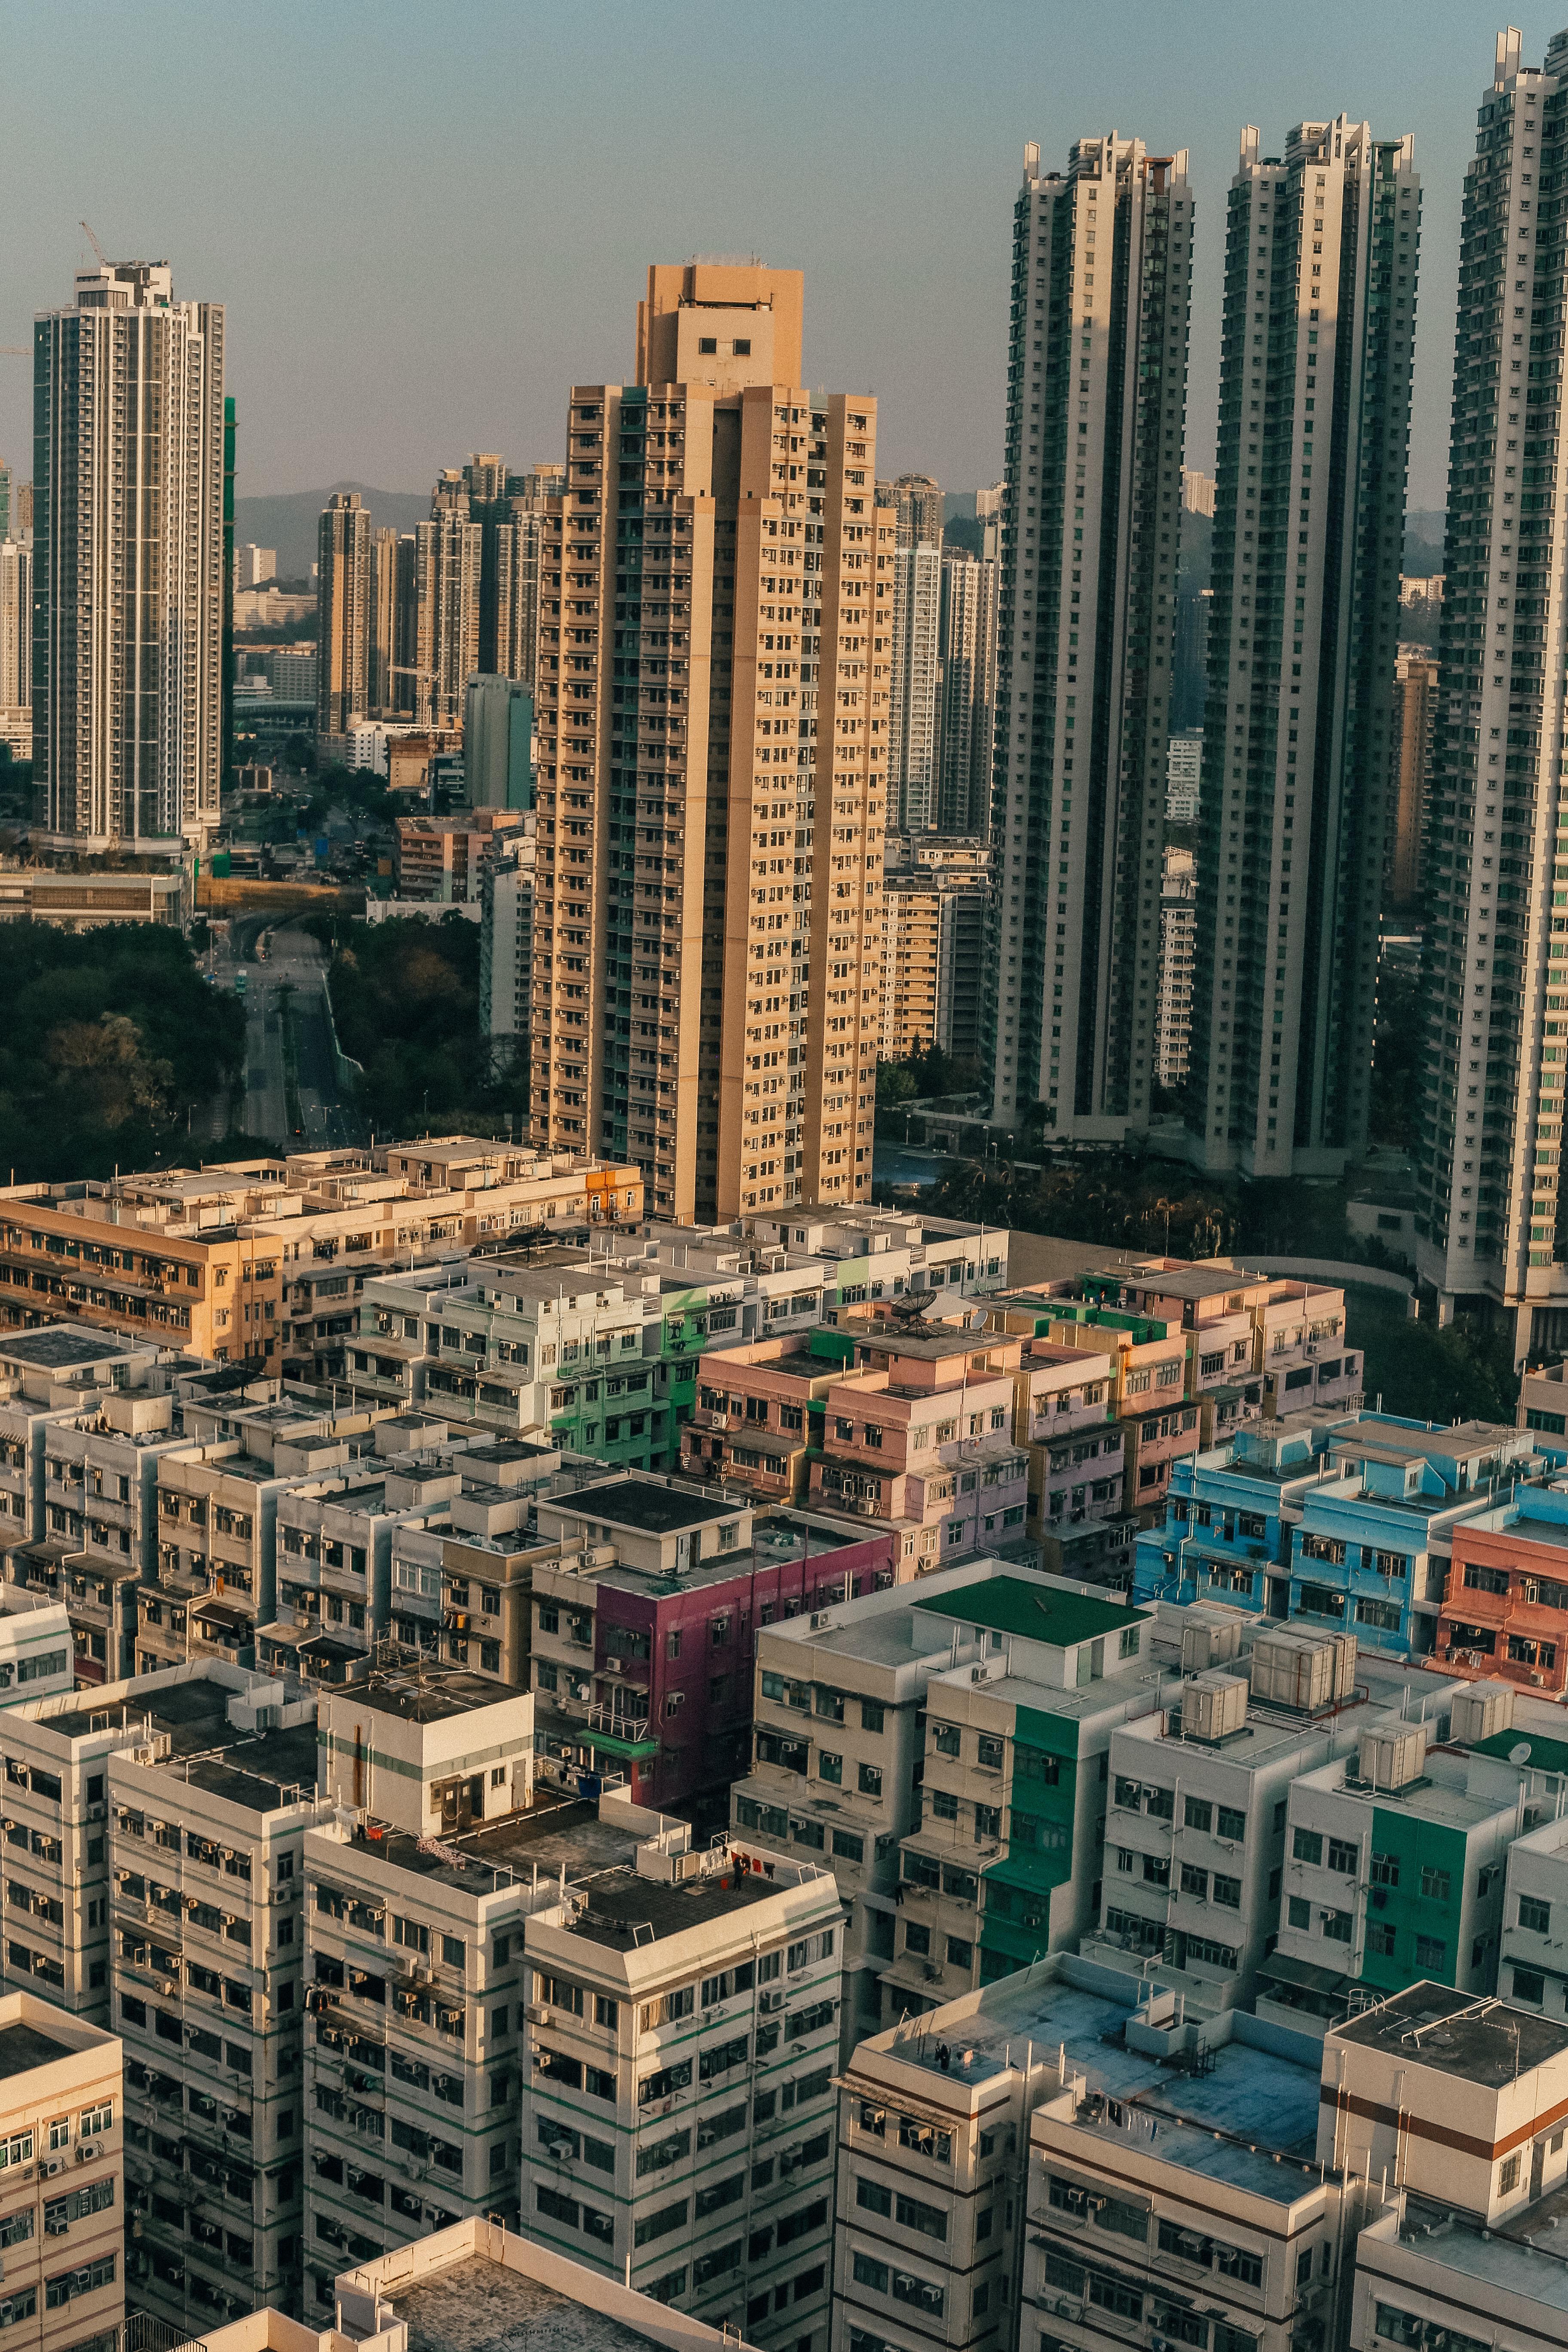 HongKong_Cathay_Pacific-16